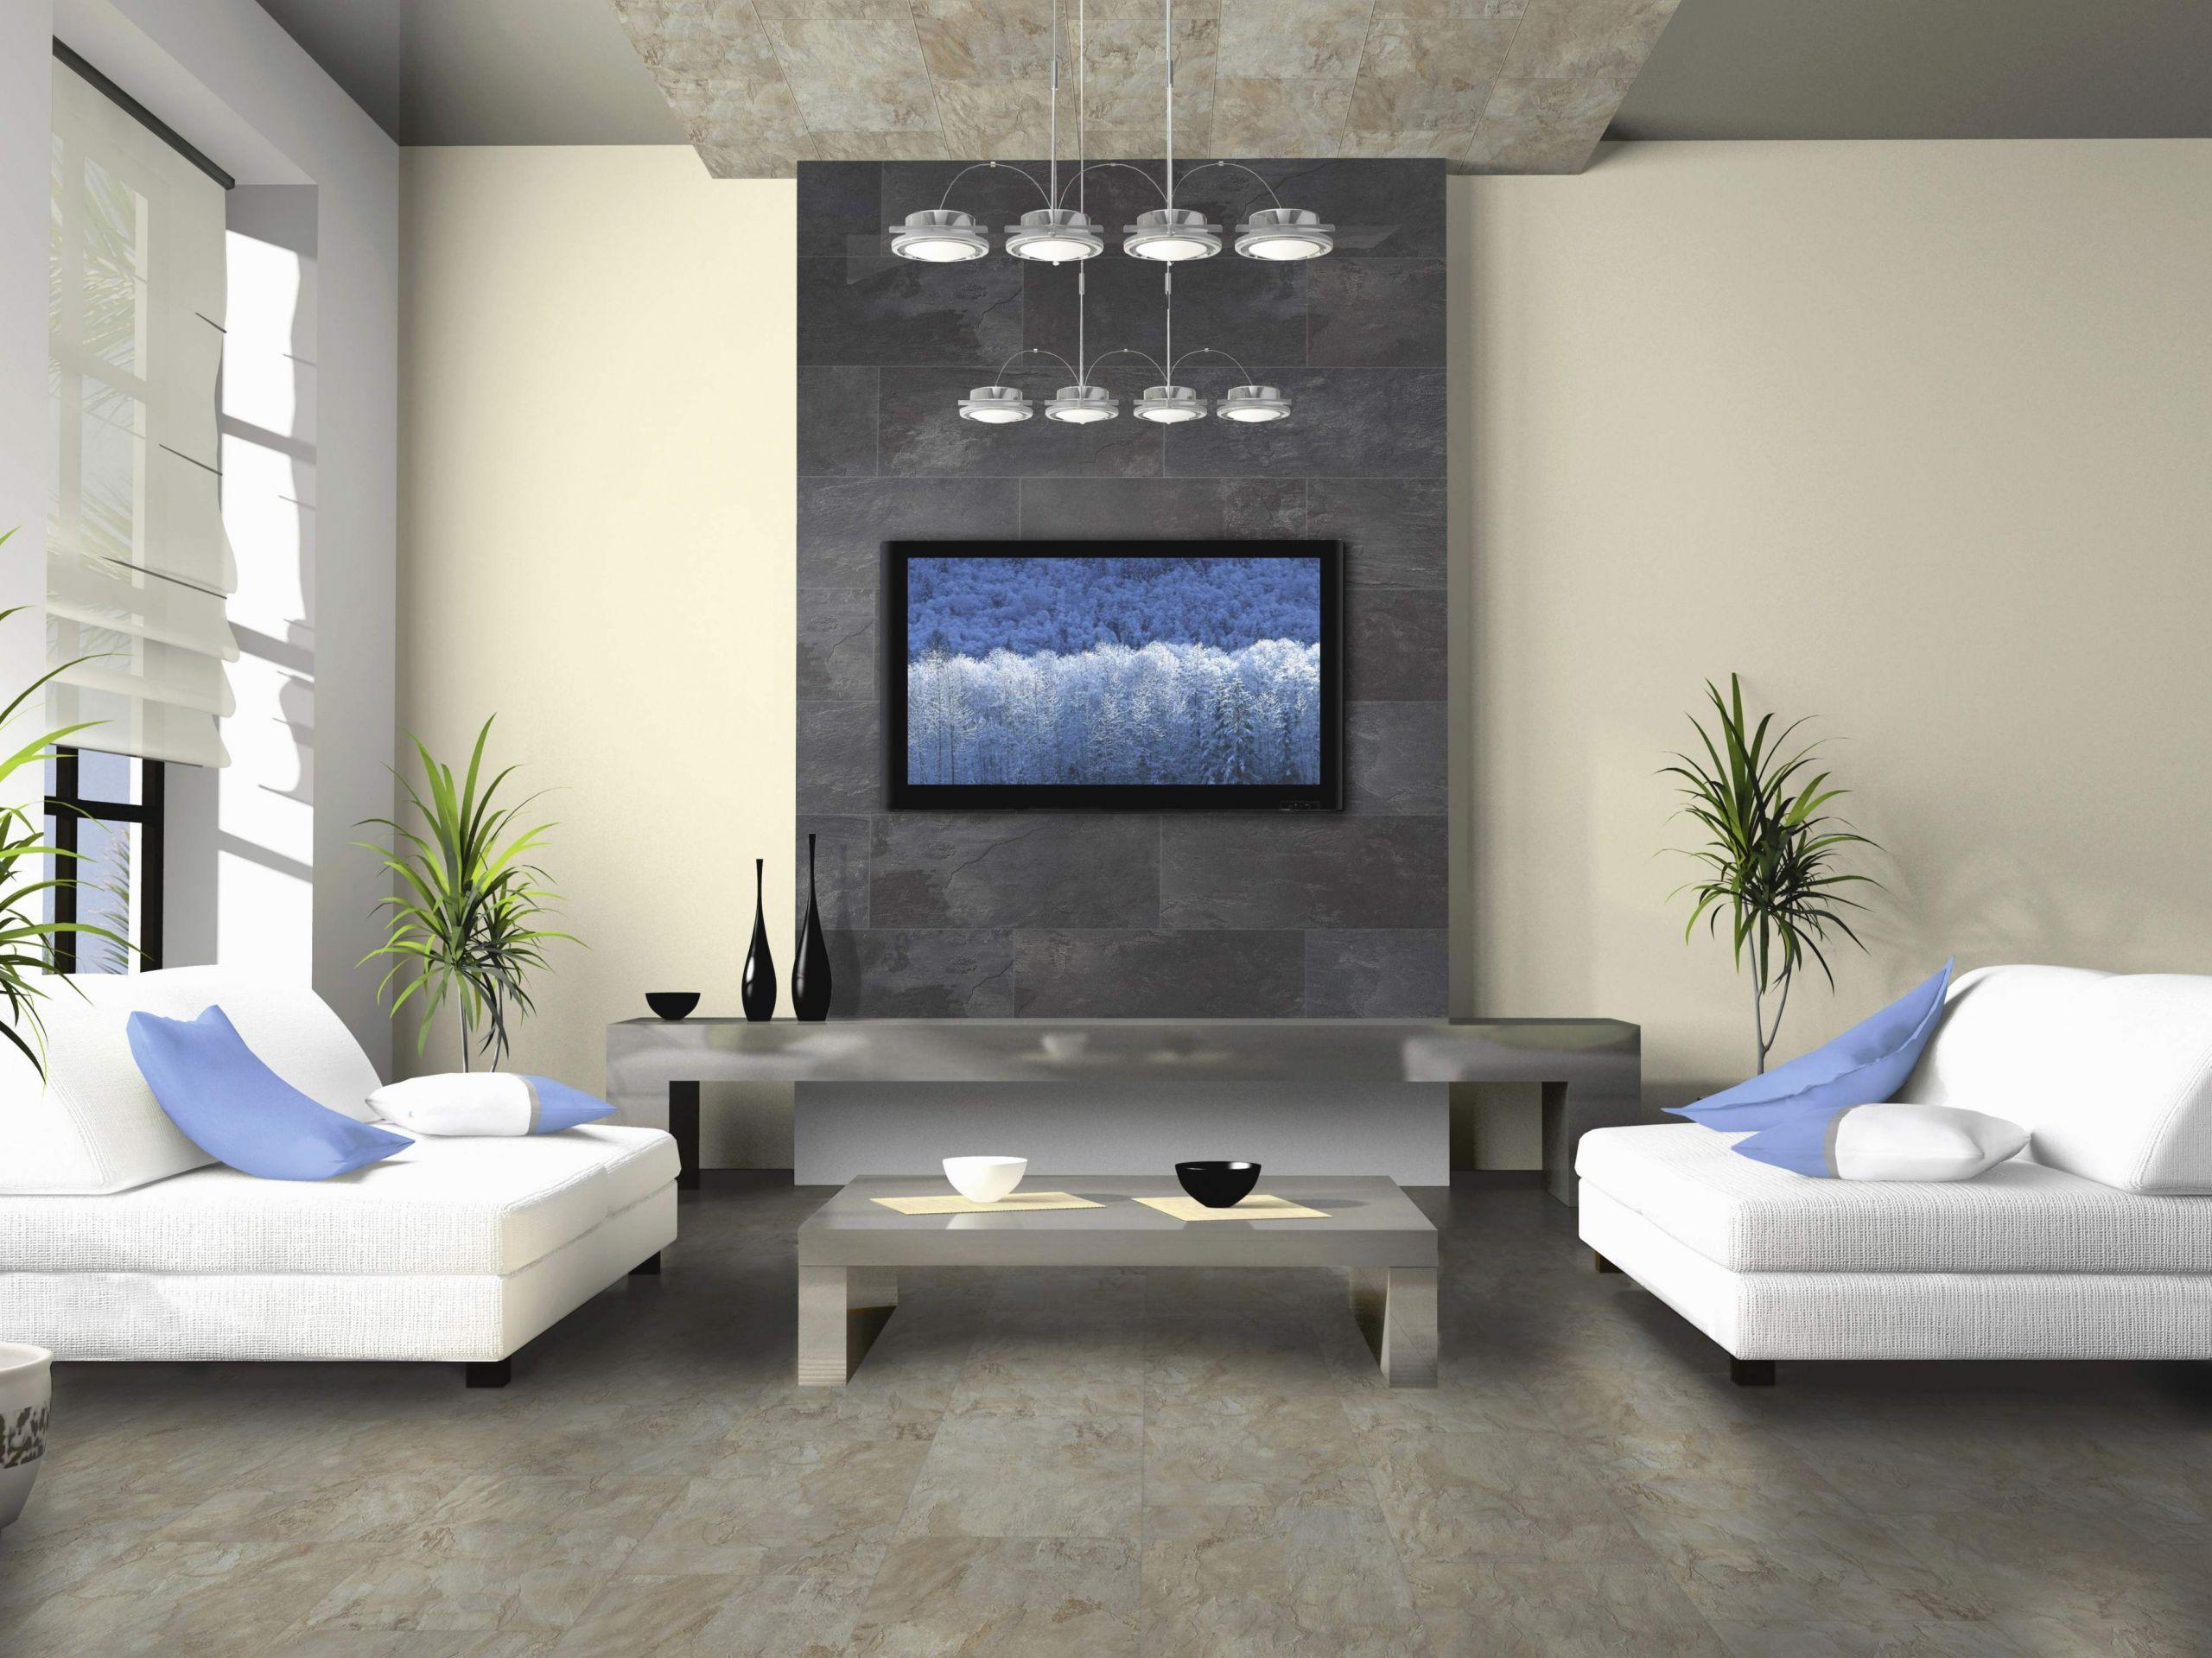 Full Size of Wanddeko Wohnzimmer Diy Amazon Bilder Modern Ebay Metall Silber 29 Frisch Deko Wand Luxus Gardinen Für Hängeleuchte Stehlampe Fototapeten Wohnwand Komplett Wohnzimmer Wanddeko Wohnzimmer